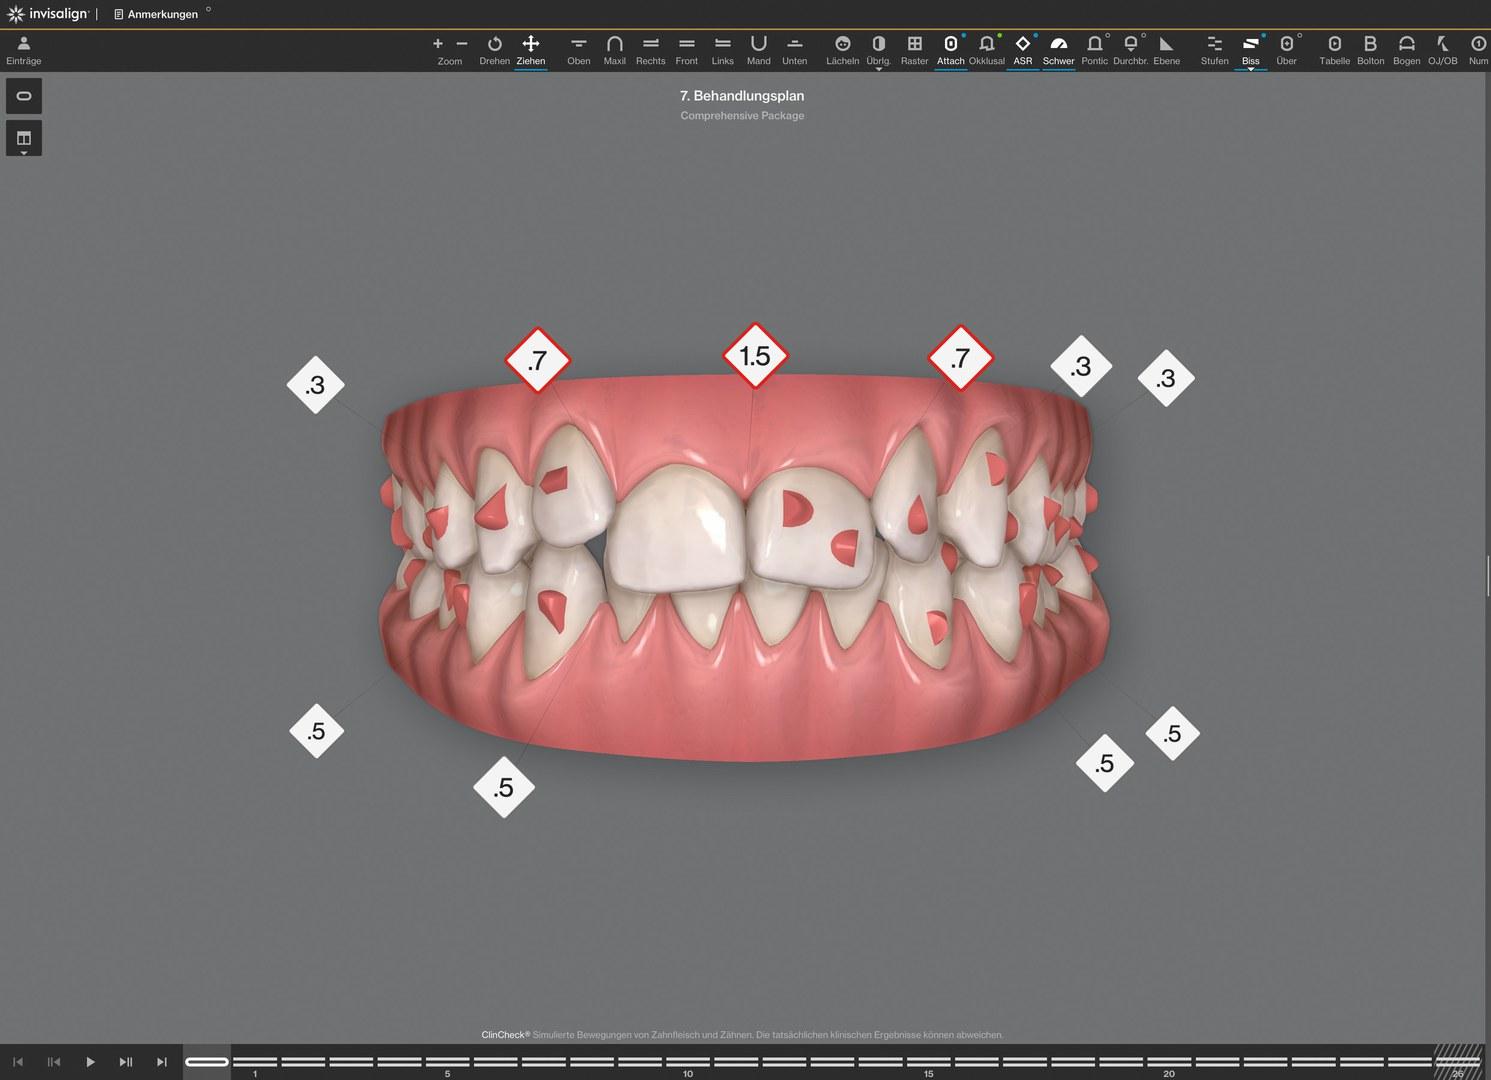 Therapie mit transparenten Zahnschienen: